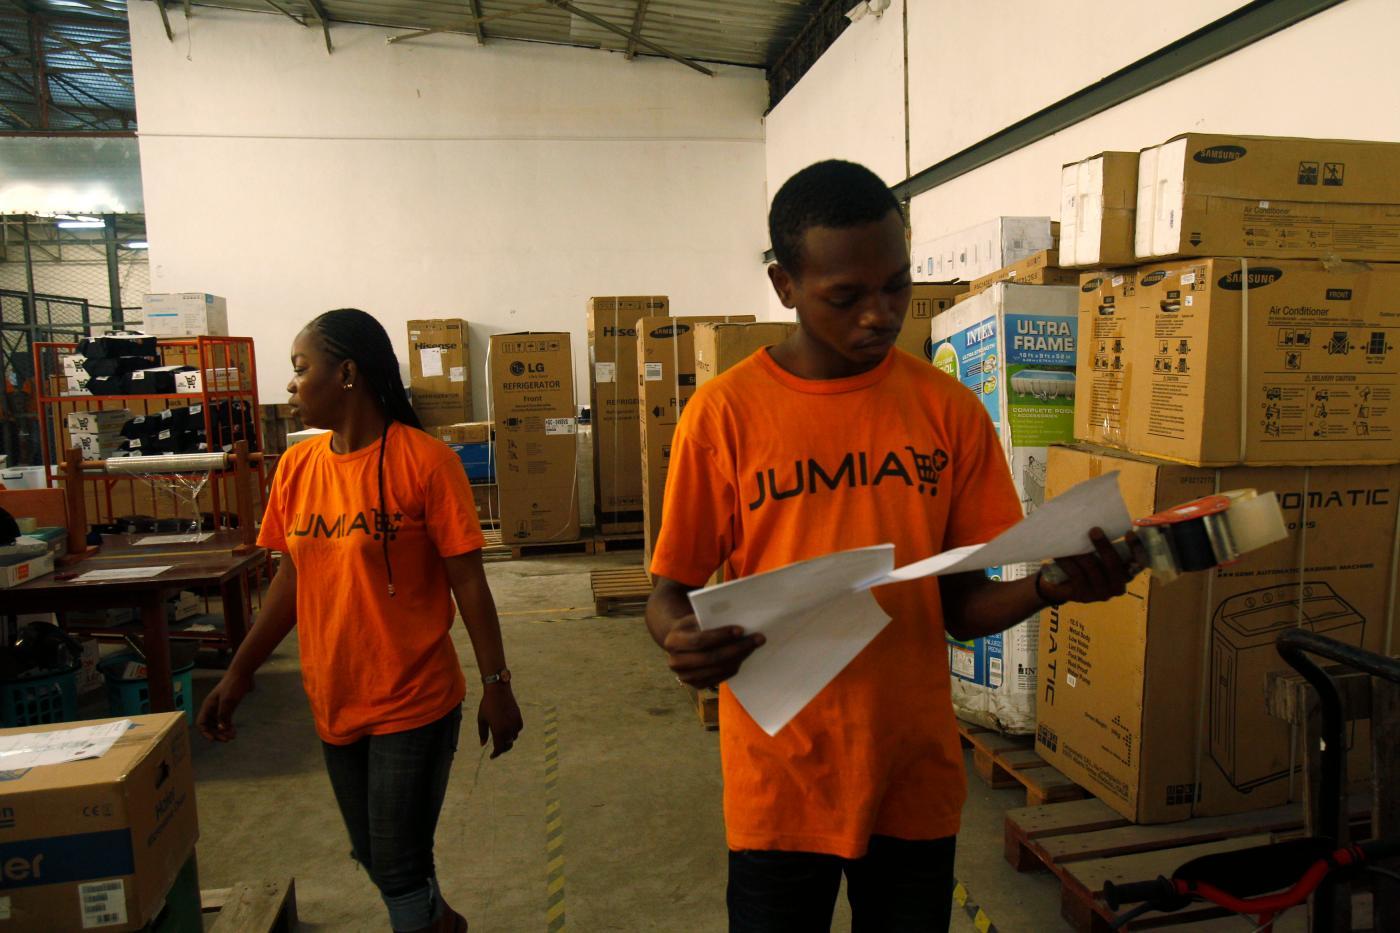 Foto de Jumia de comércio eletrônico africano em Tunis, Marrocos com Covid-19 – Quartz Africa